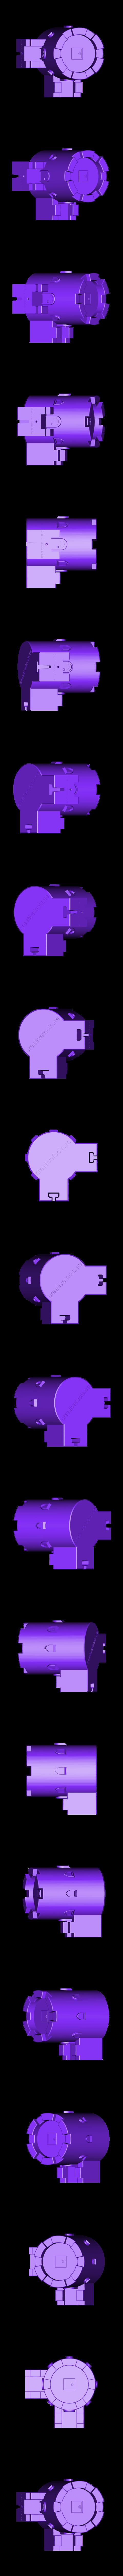 Round_Tower_Corner_Closed_(Modular Castle Playset - 3D-printable)_By_CreativeTools.se.stl Télécharger fichier STL gratuit Plateau modulaire de château (imprimable en 3D) • Modèle à imprimer en 3D, CreativeTools